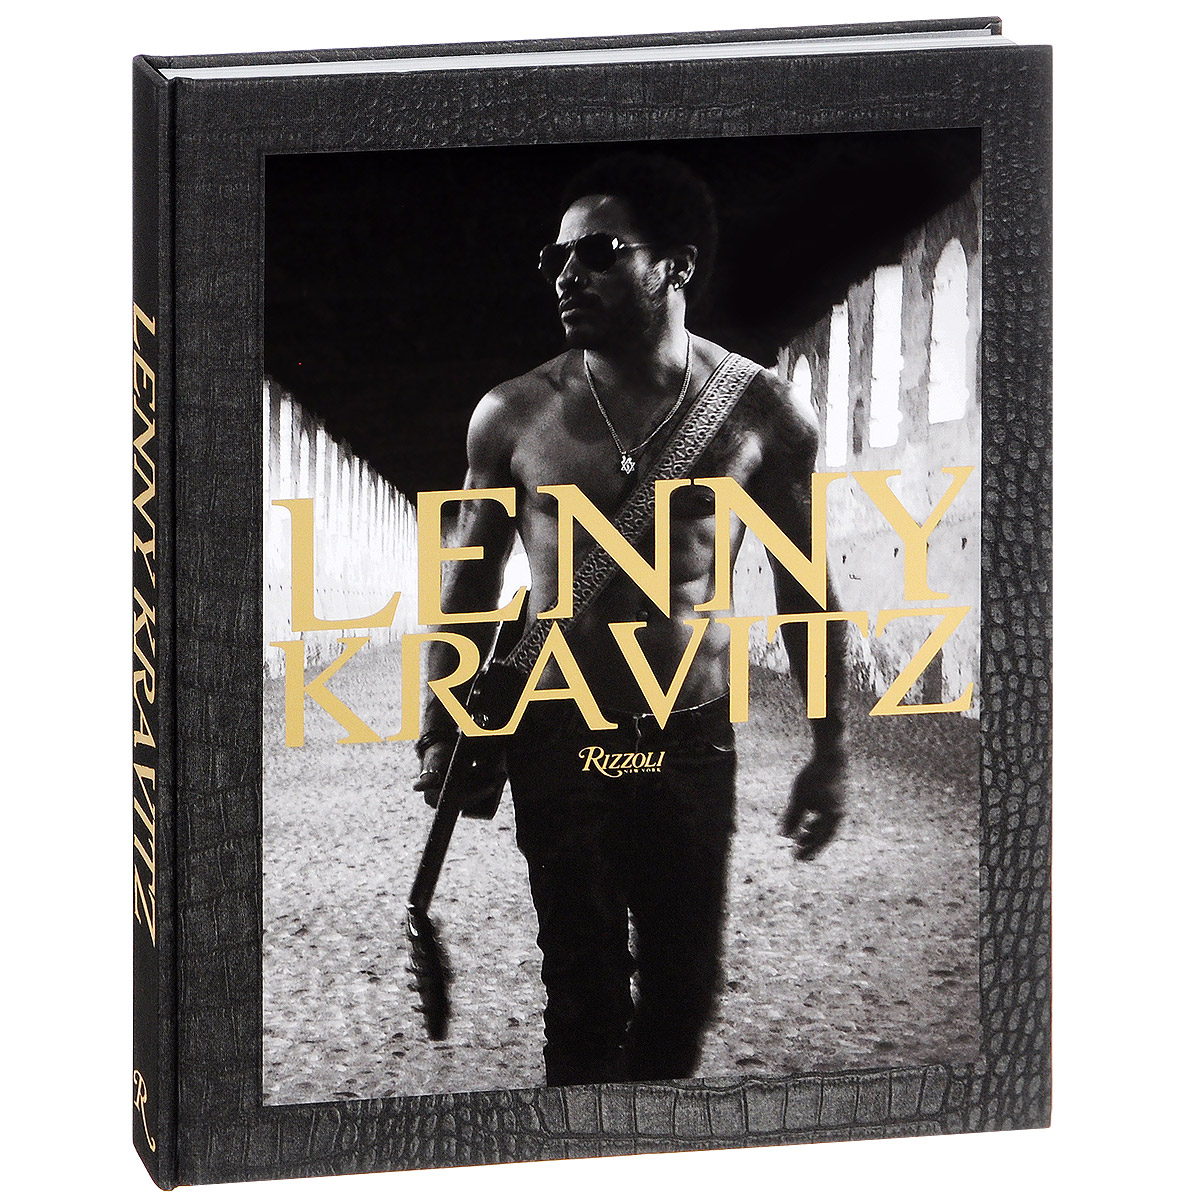 Lenny Kravitz lenny kravitz cologne